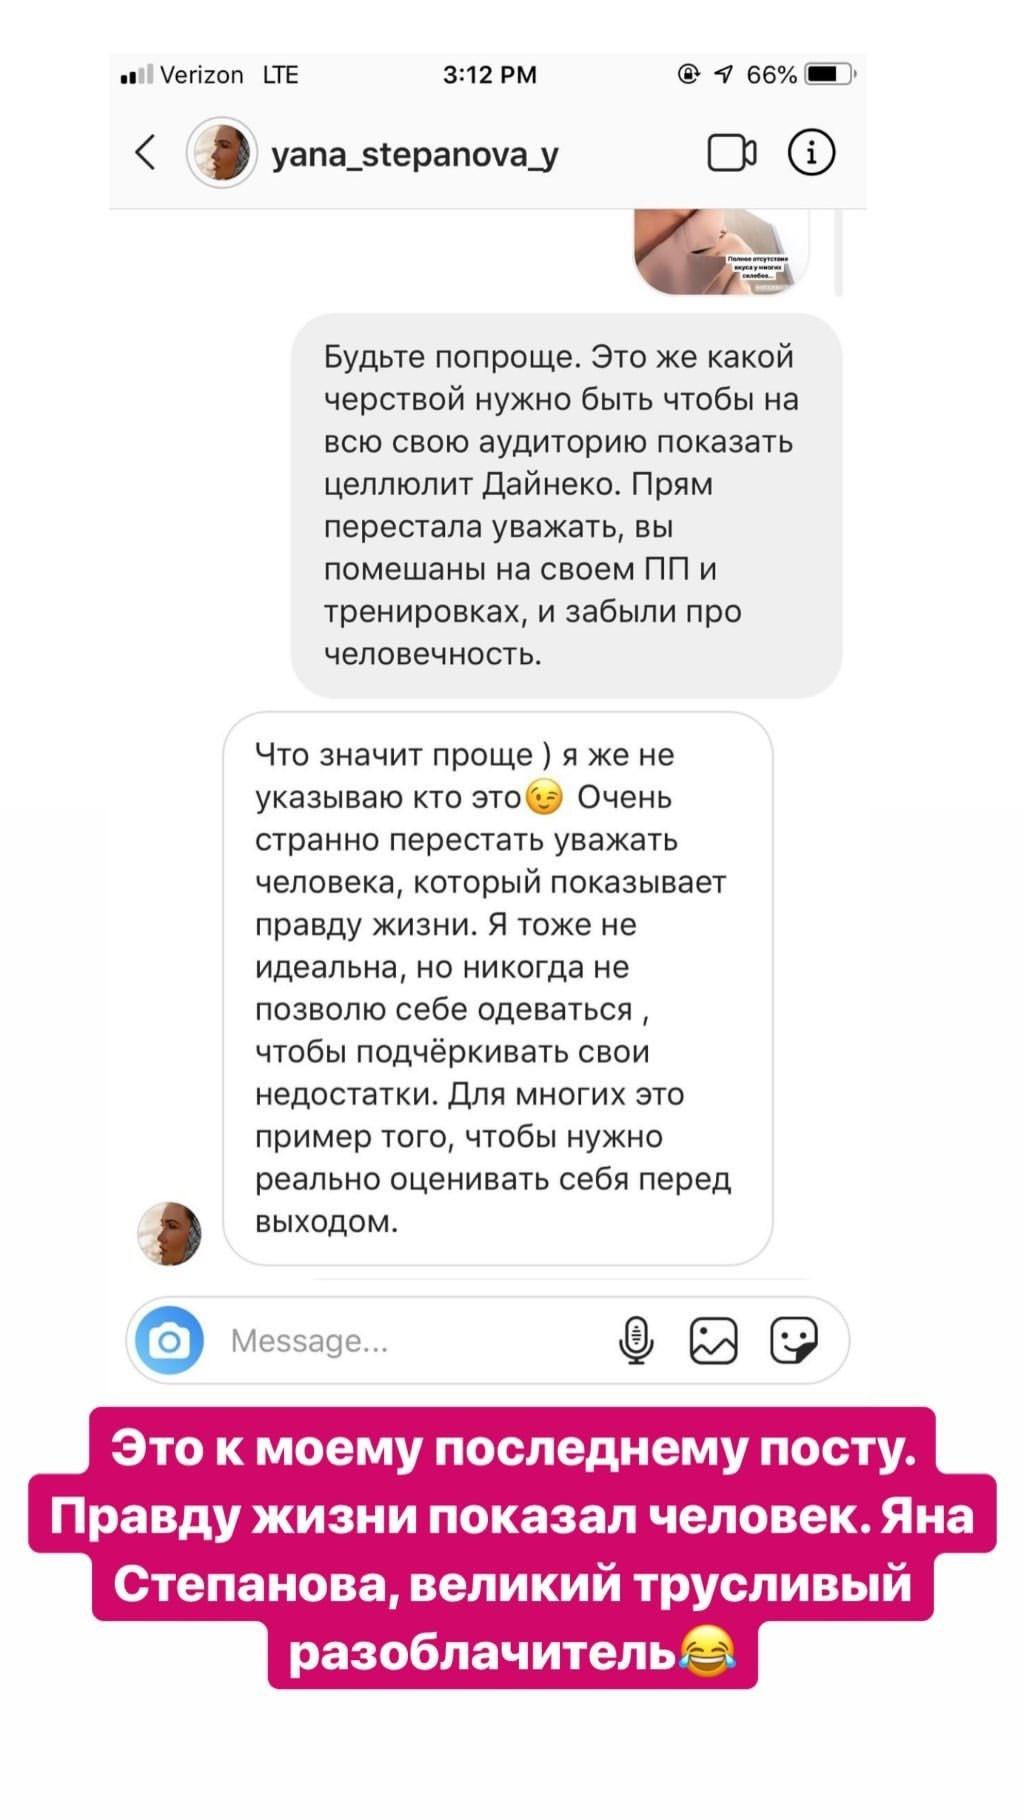 «Лучше иметь целлюлит набедрах, чем вмозгах»: Виктория Дайнеко ответила накритику ПП-блогера